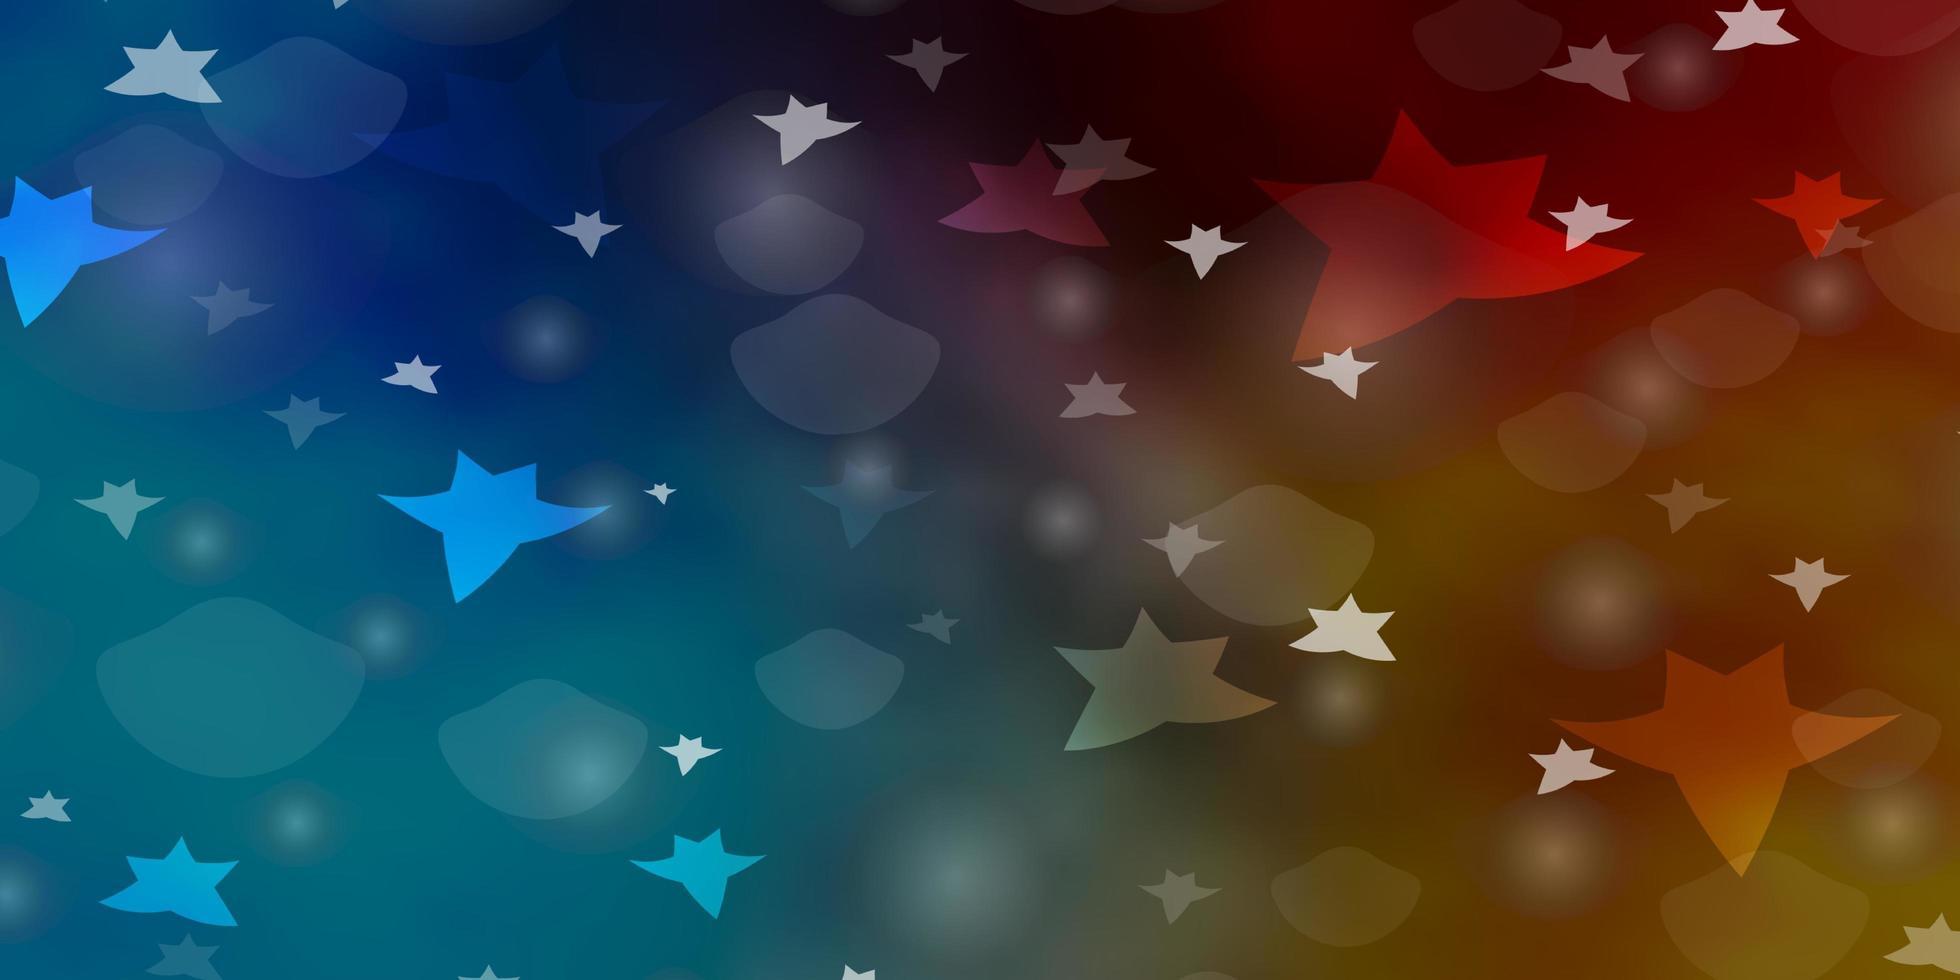 ljusblått, gult mönster med cirklar, stjärnor. vektor